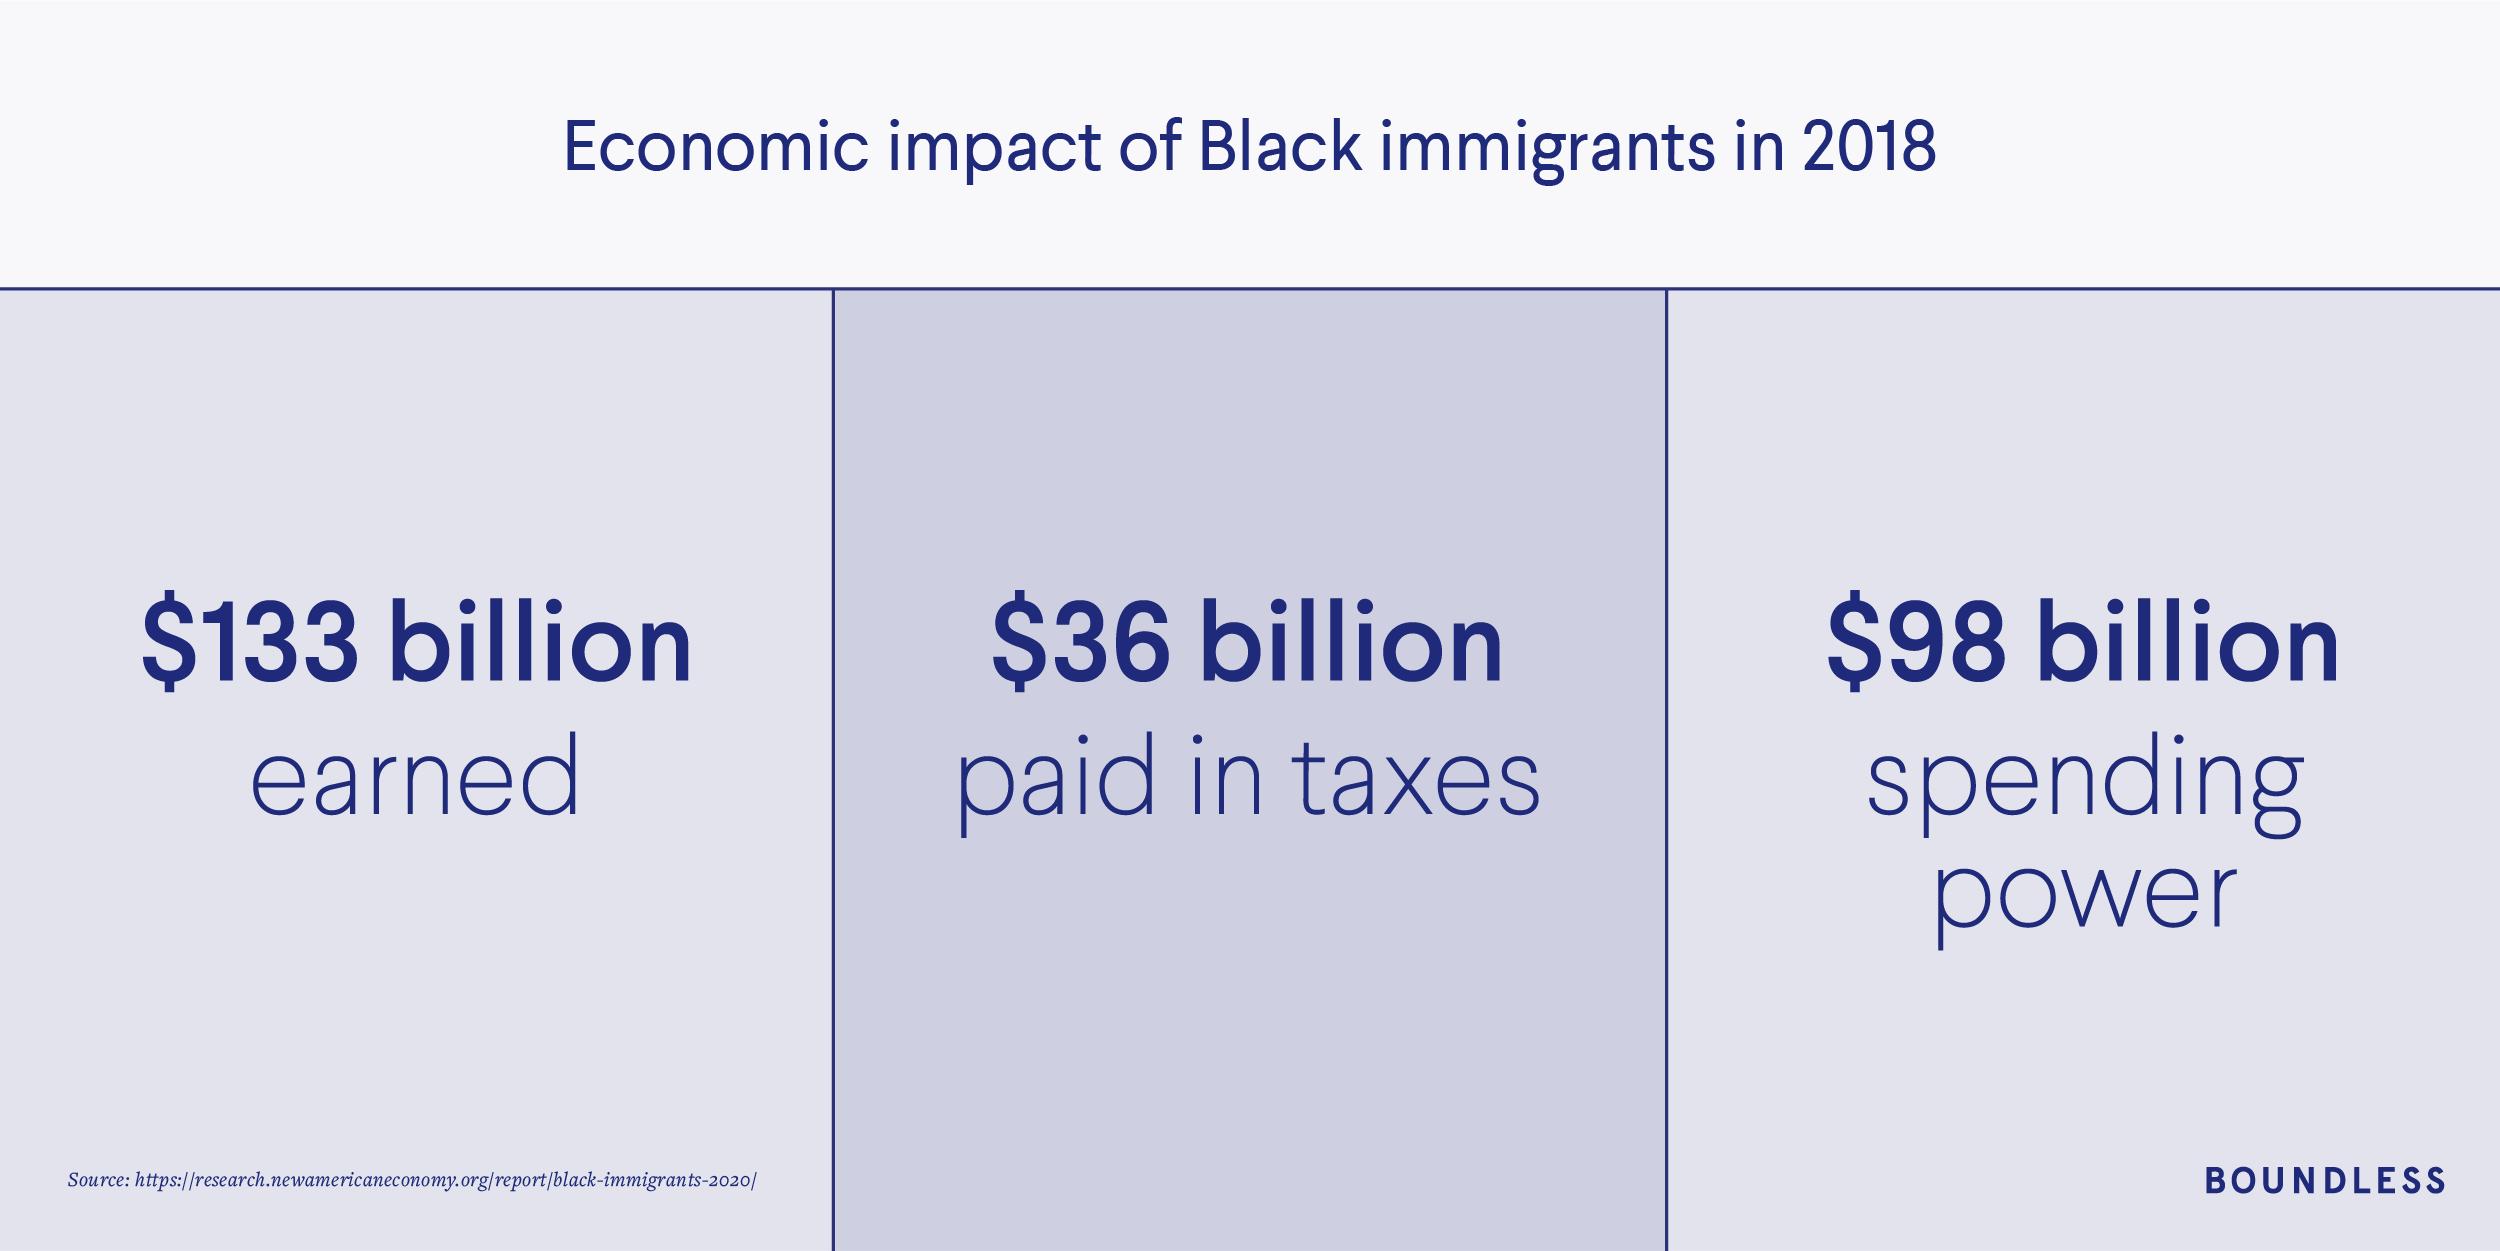 Economic impact of Black immigrants